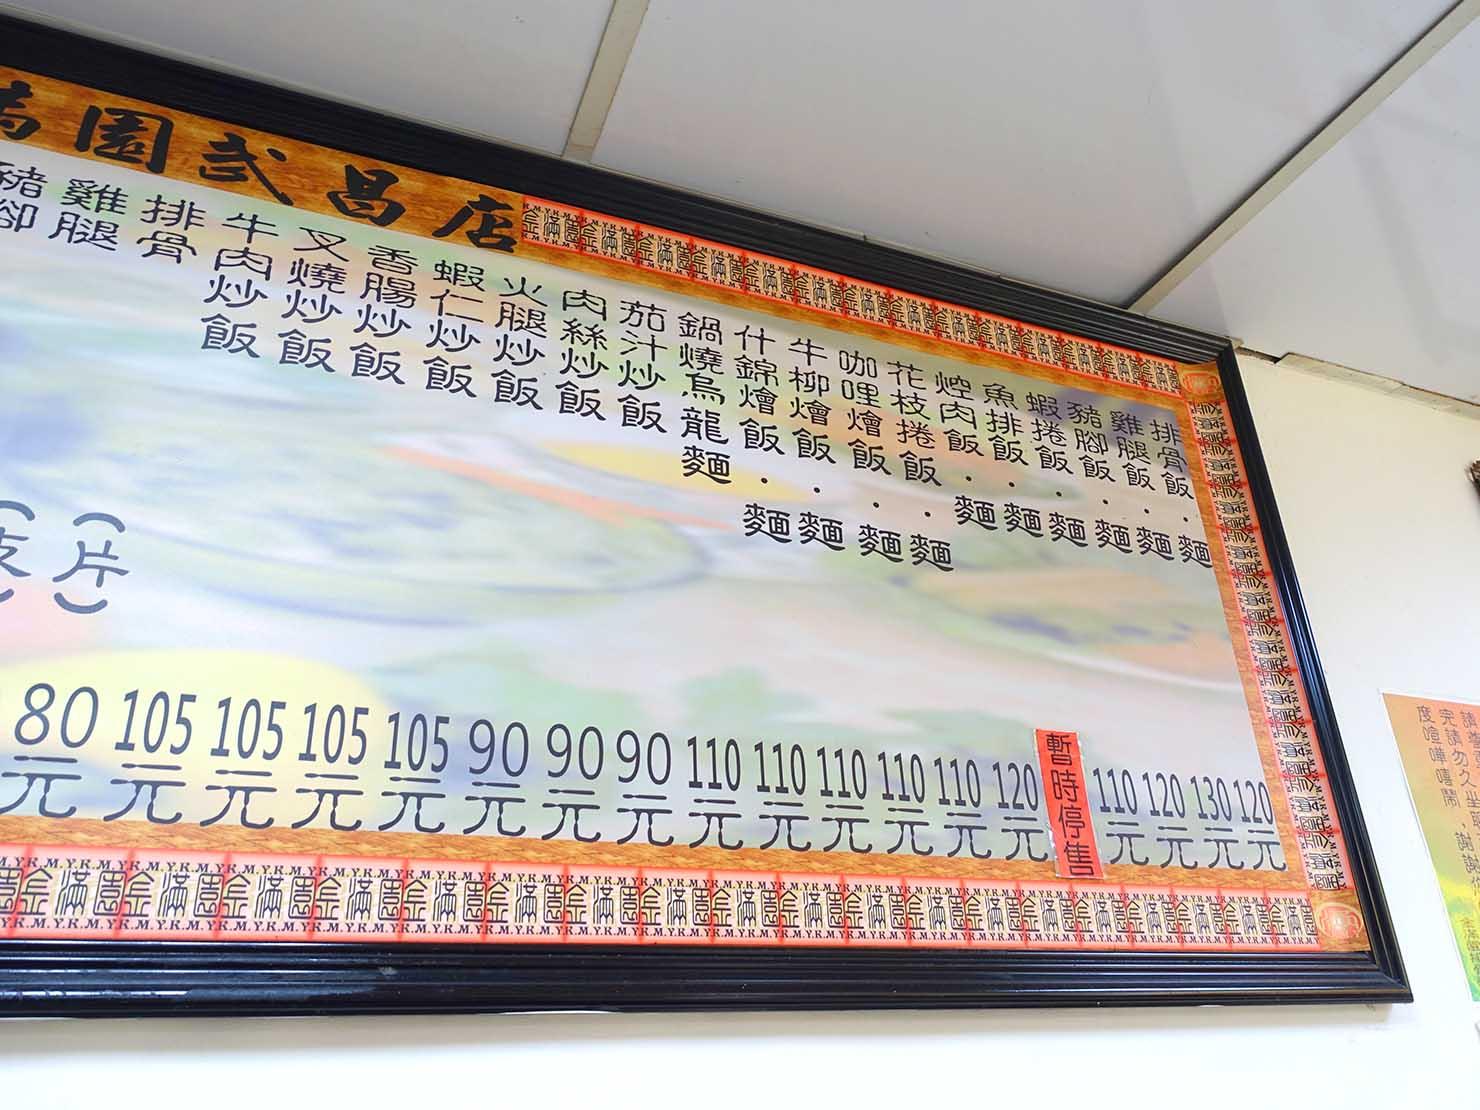 台北・西門町のおすすめグルメ店「金滿園排骨」のメニュー